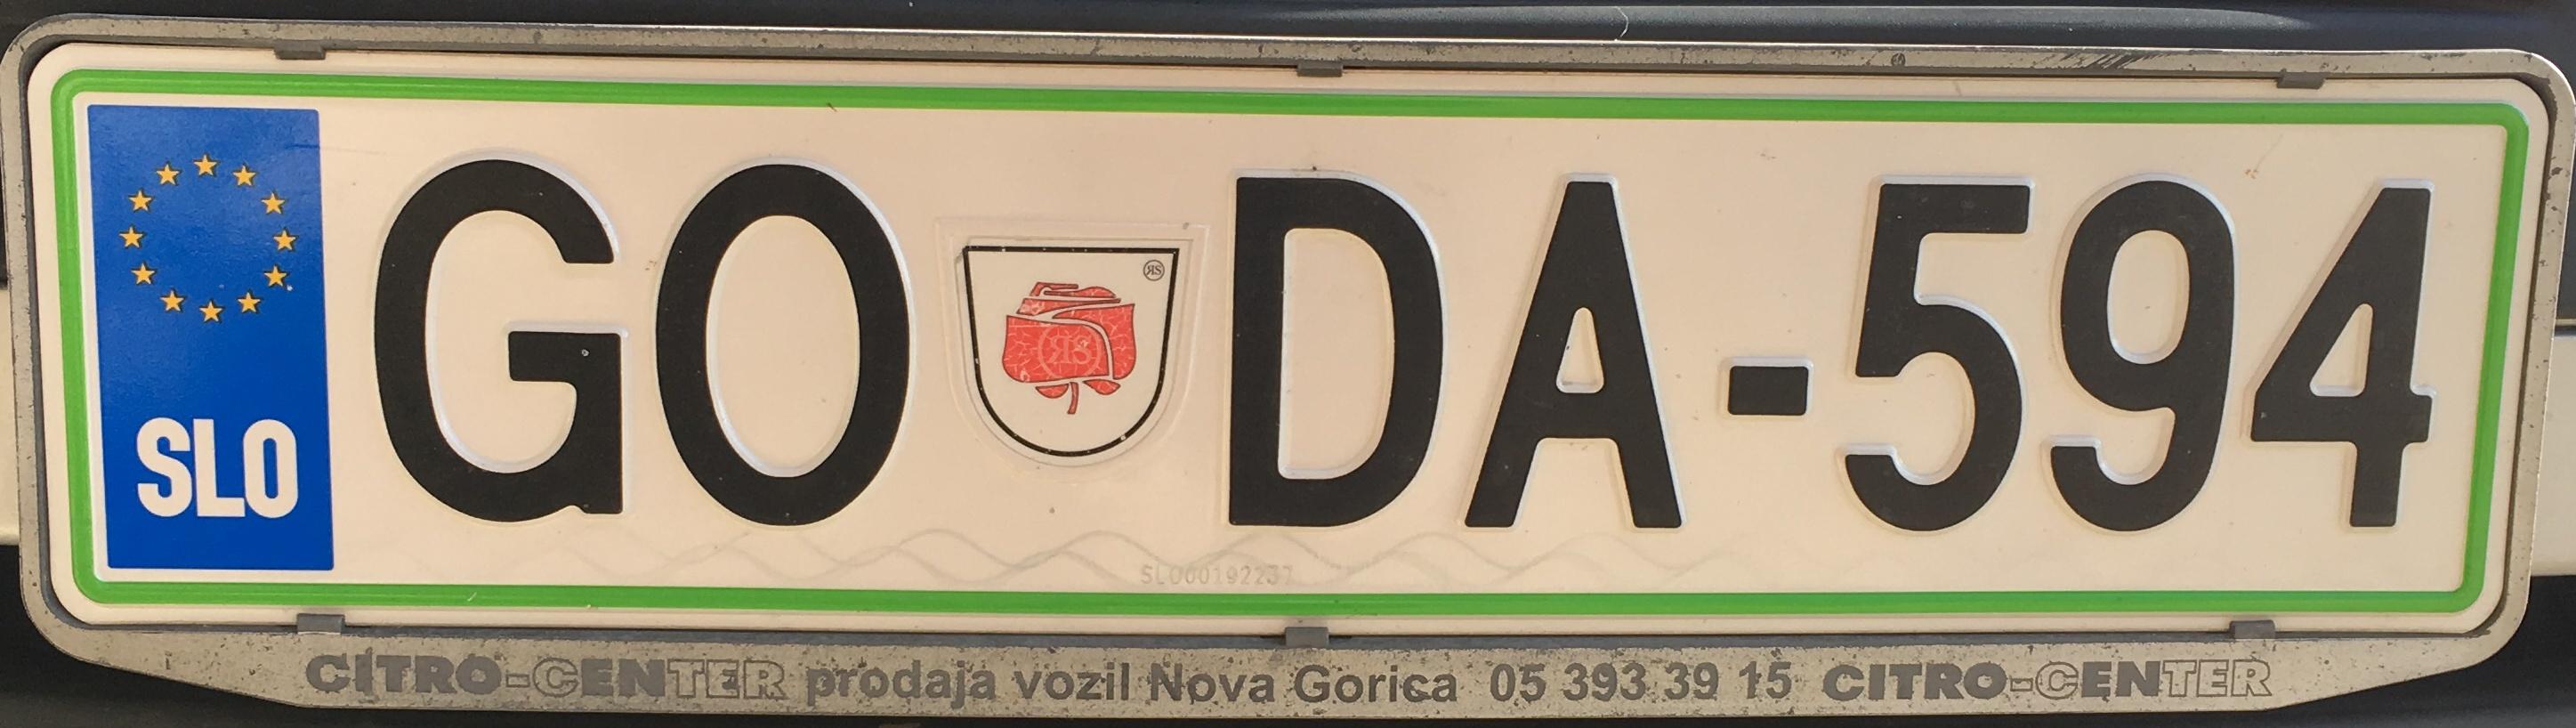 Registrační značka Slovinsko - GO - Nova Gorica, foto: www.podalnici.cz